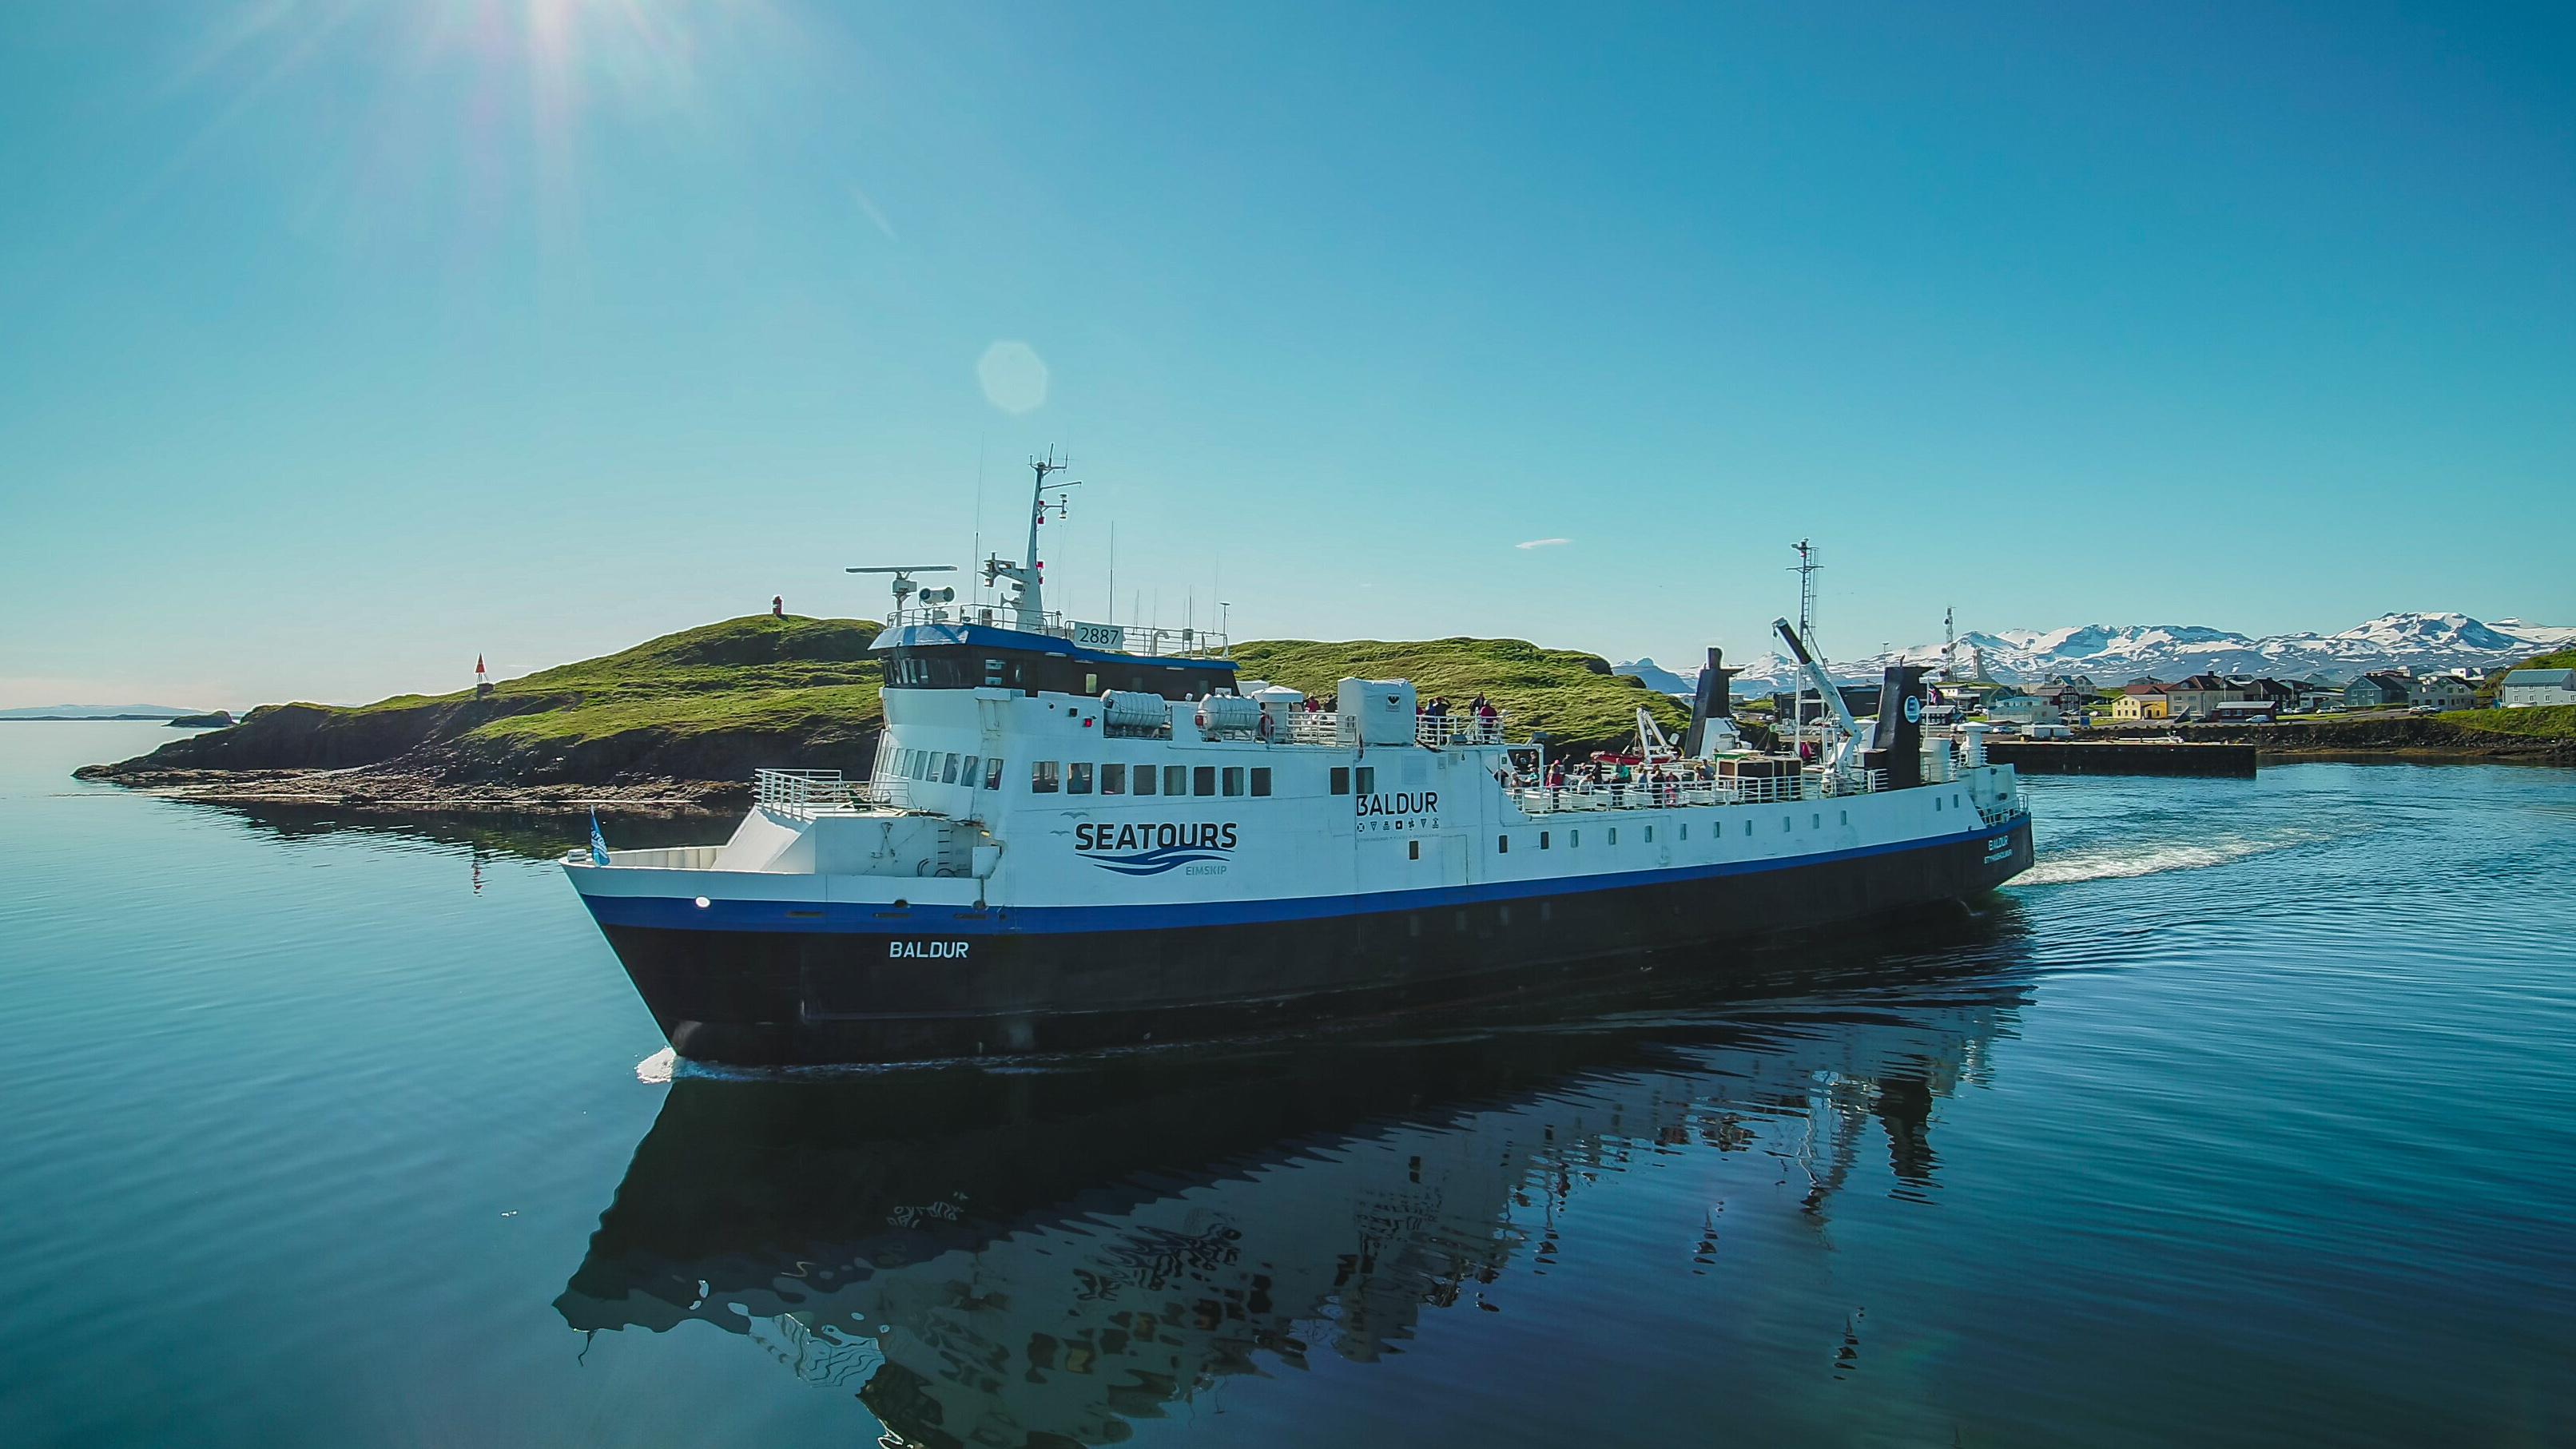 スナイフェルスネス半島とウェストフィヨルドを結ぶバルドゥル号のフェリー